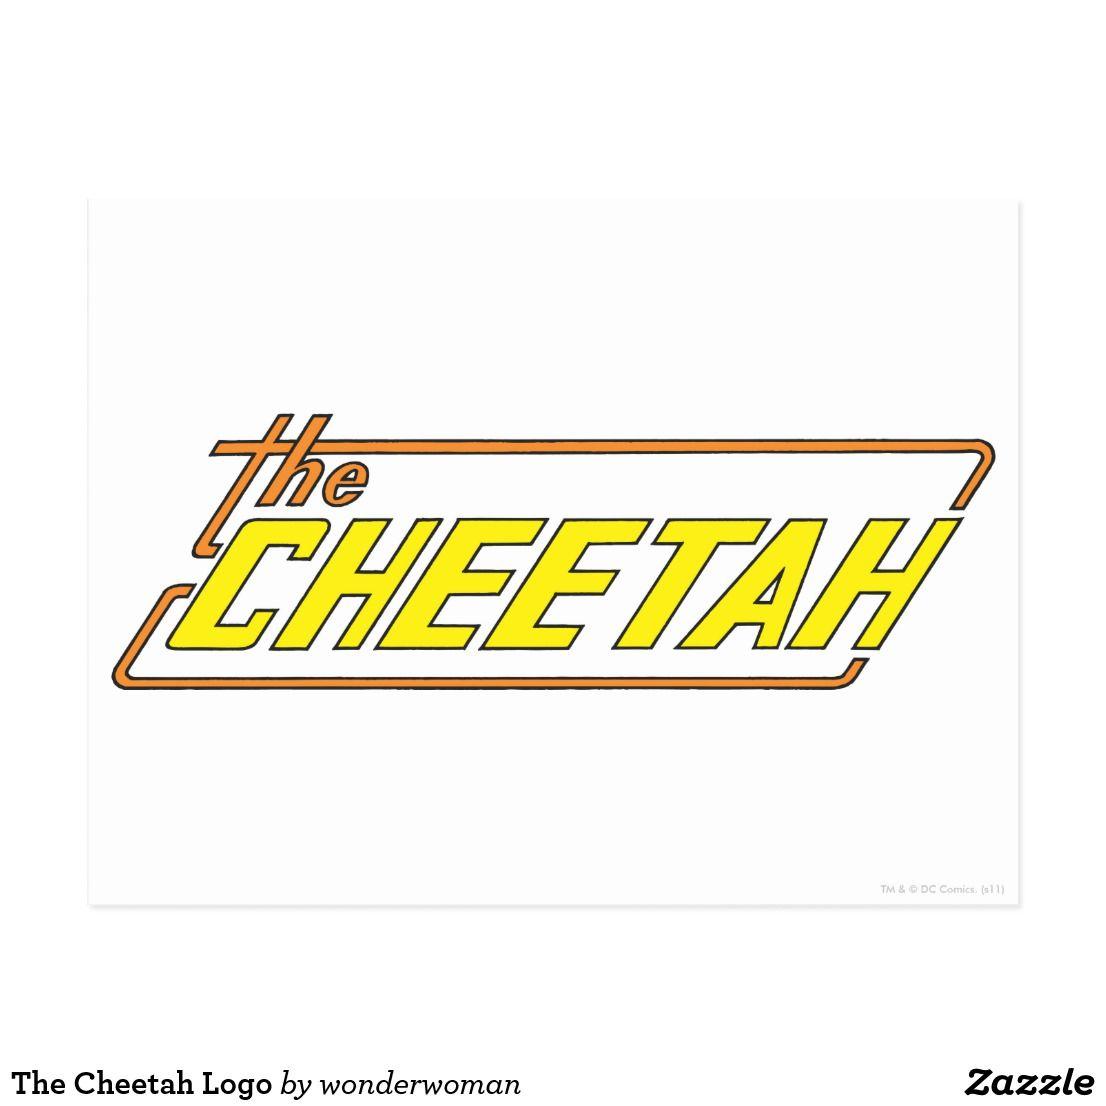 the cheetah logo postcard zazzle com cheetah logo postcard wonder woman comic cheetah logo postcard wonder woman comic